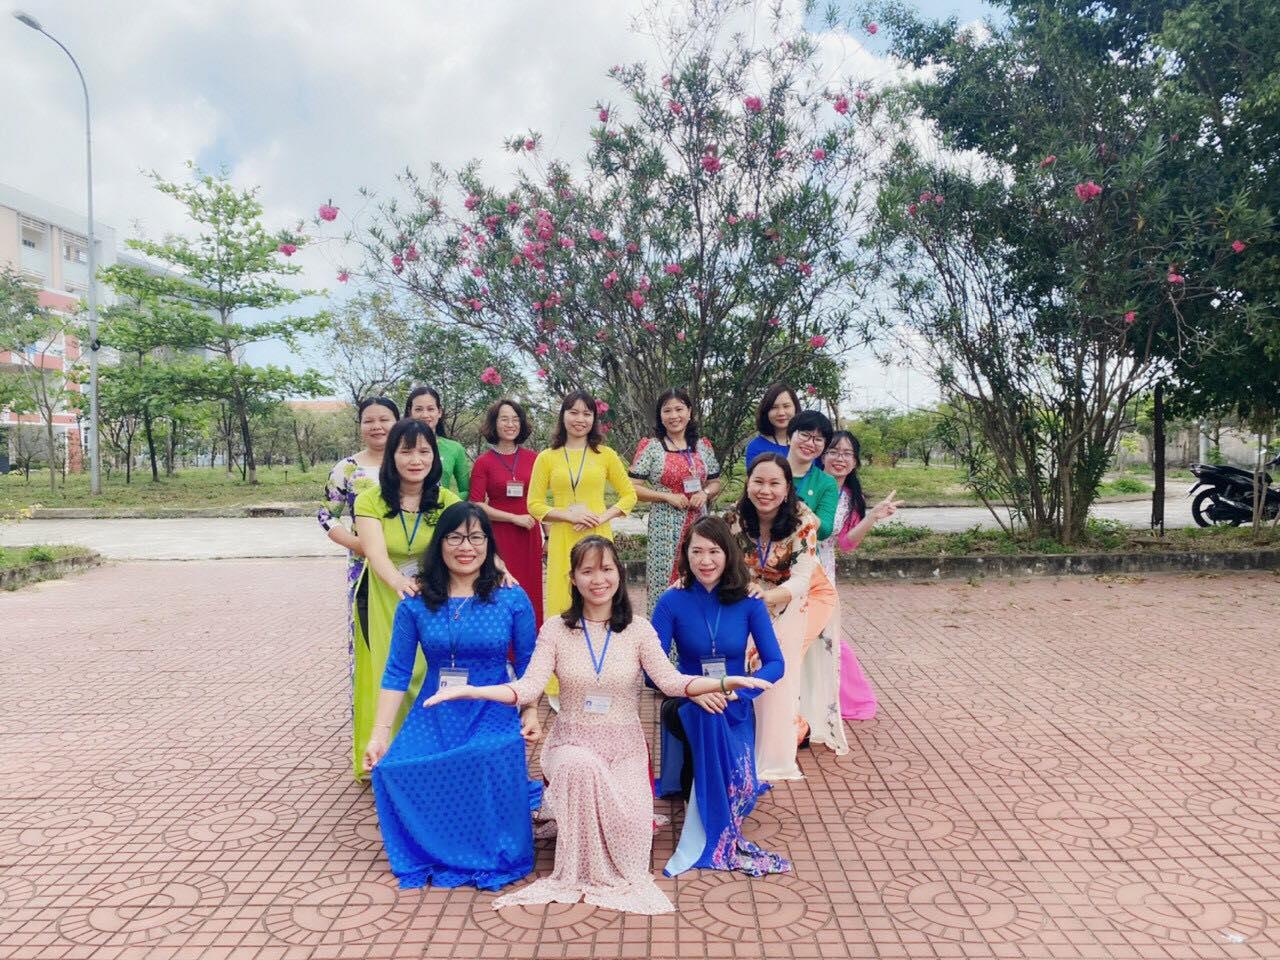 QTU - Trường Đại học Quang Trung - Rực rỡ sắc màu áo dài